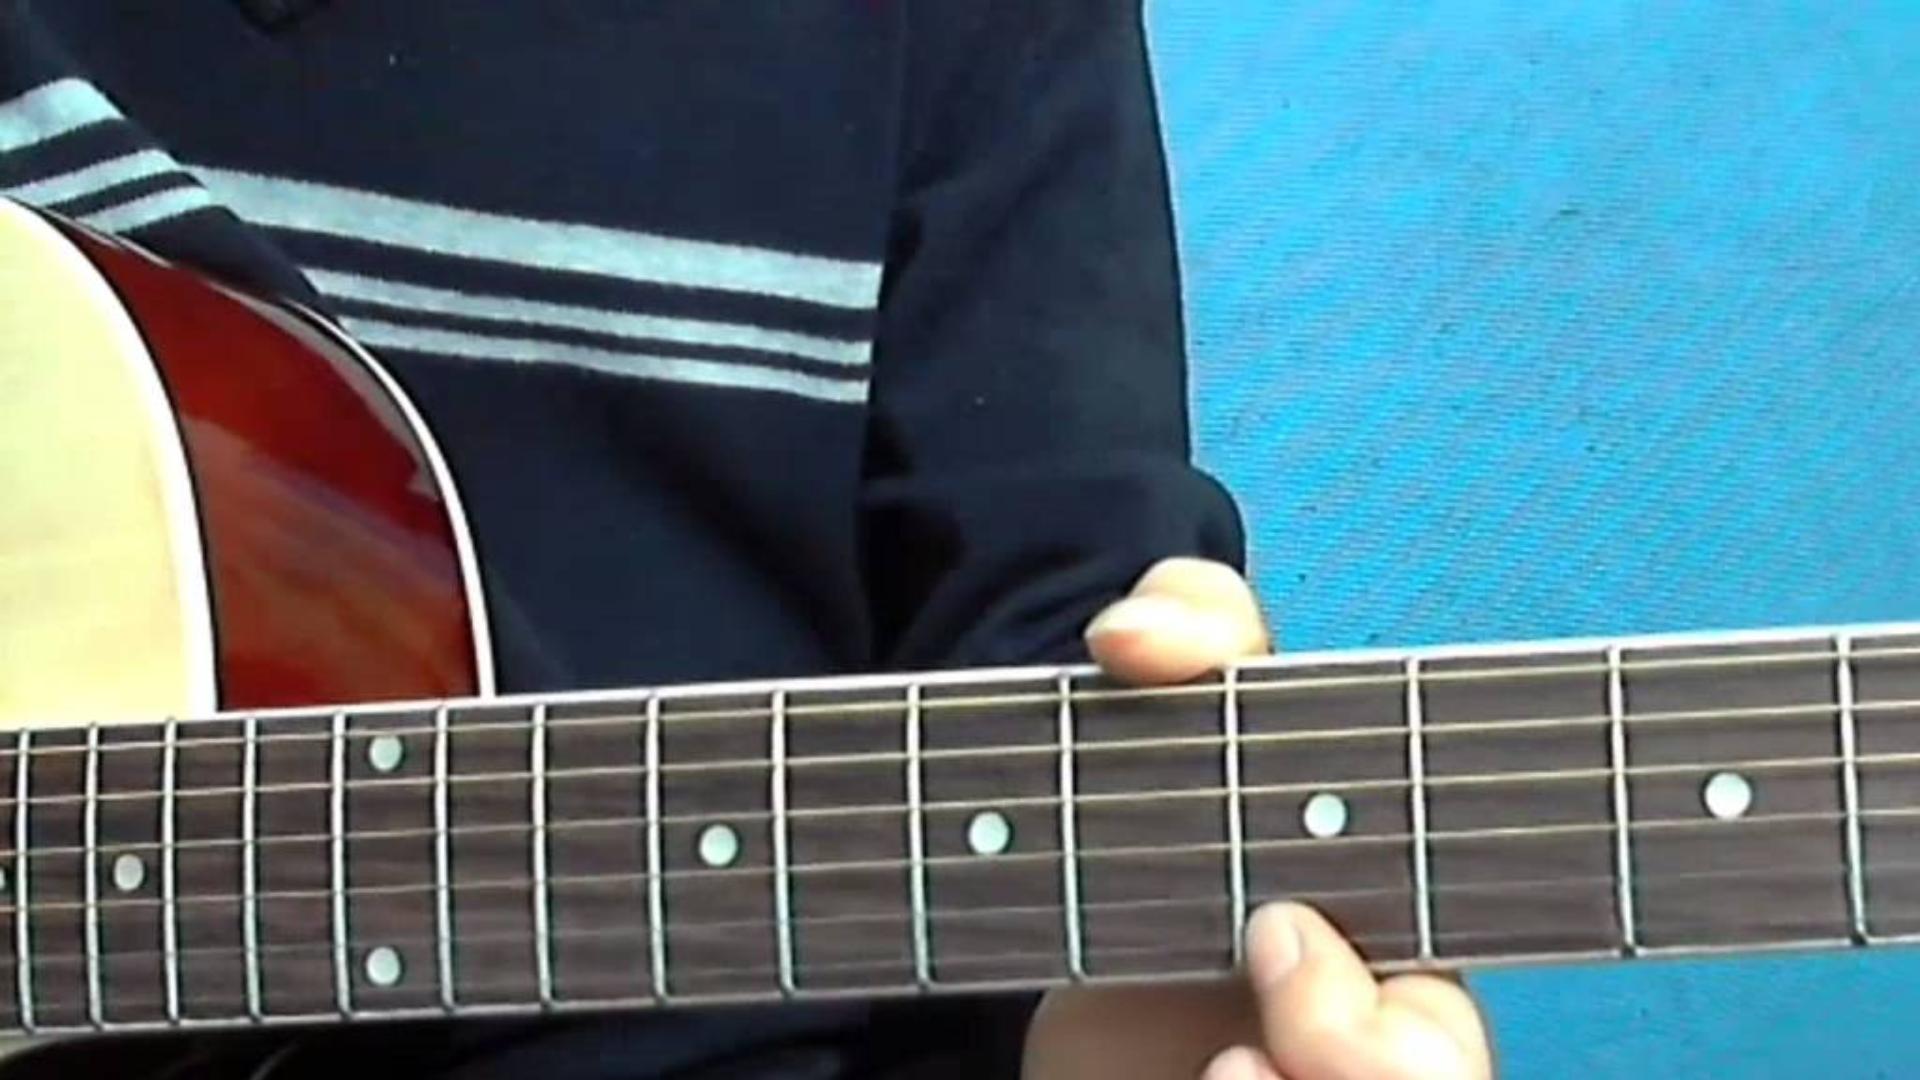 第83课吉他教学讲解,周笔畅《笔记》的前奏部分